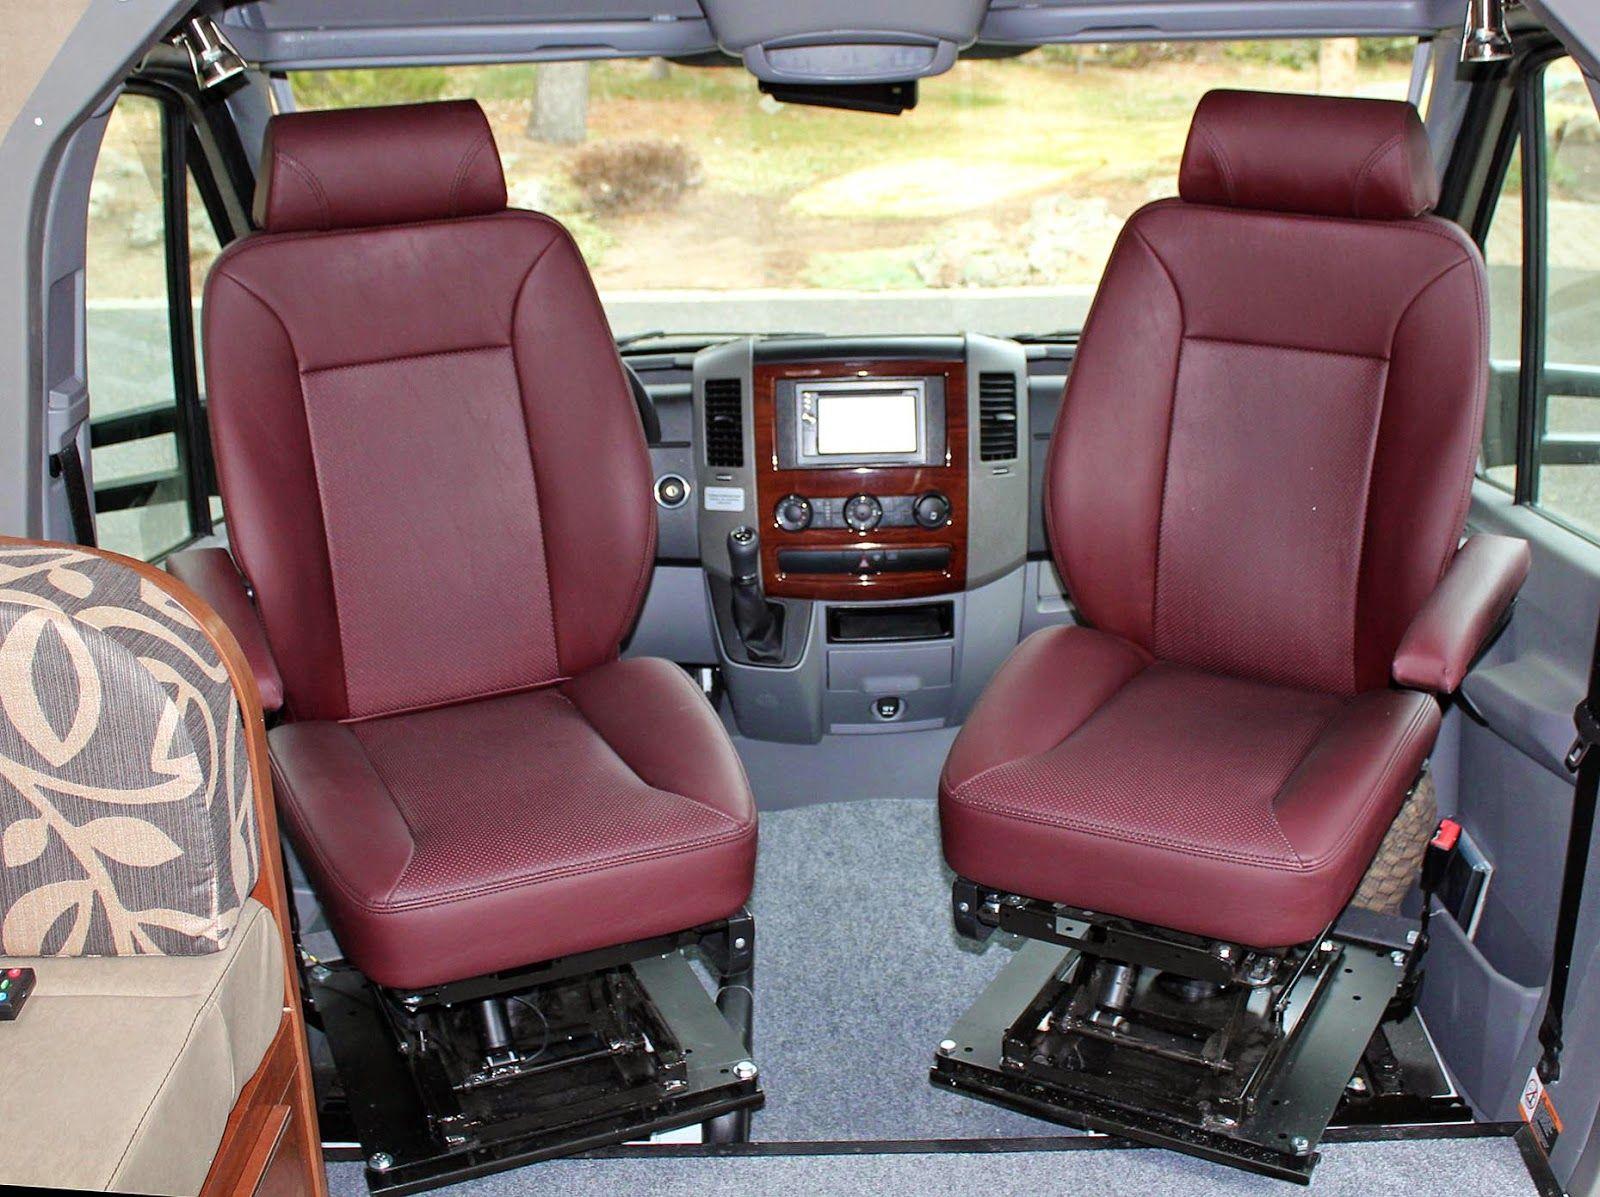 Sprinter Seat Upgrade Sprinter, Sprinter van camper